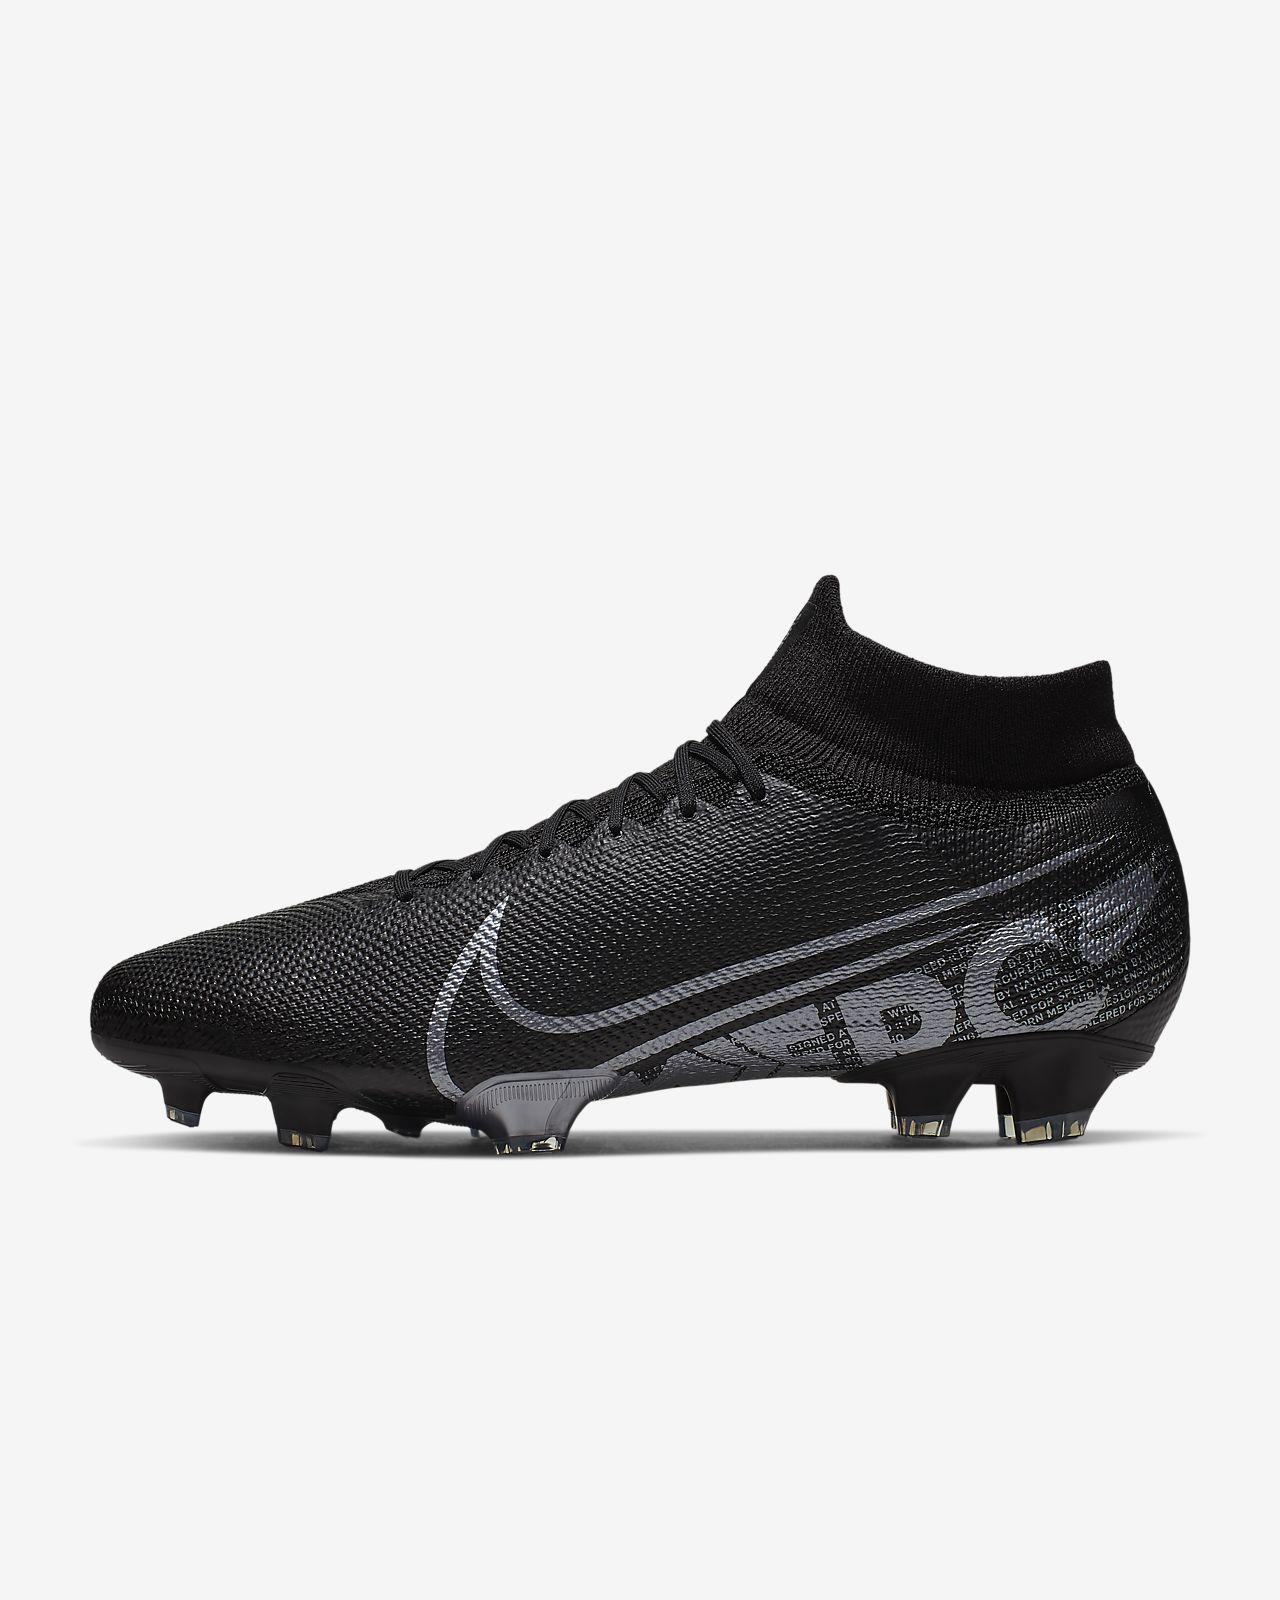 Fotbollssko för gräs Nike Mercurial Superfly 7 Pro FG